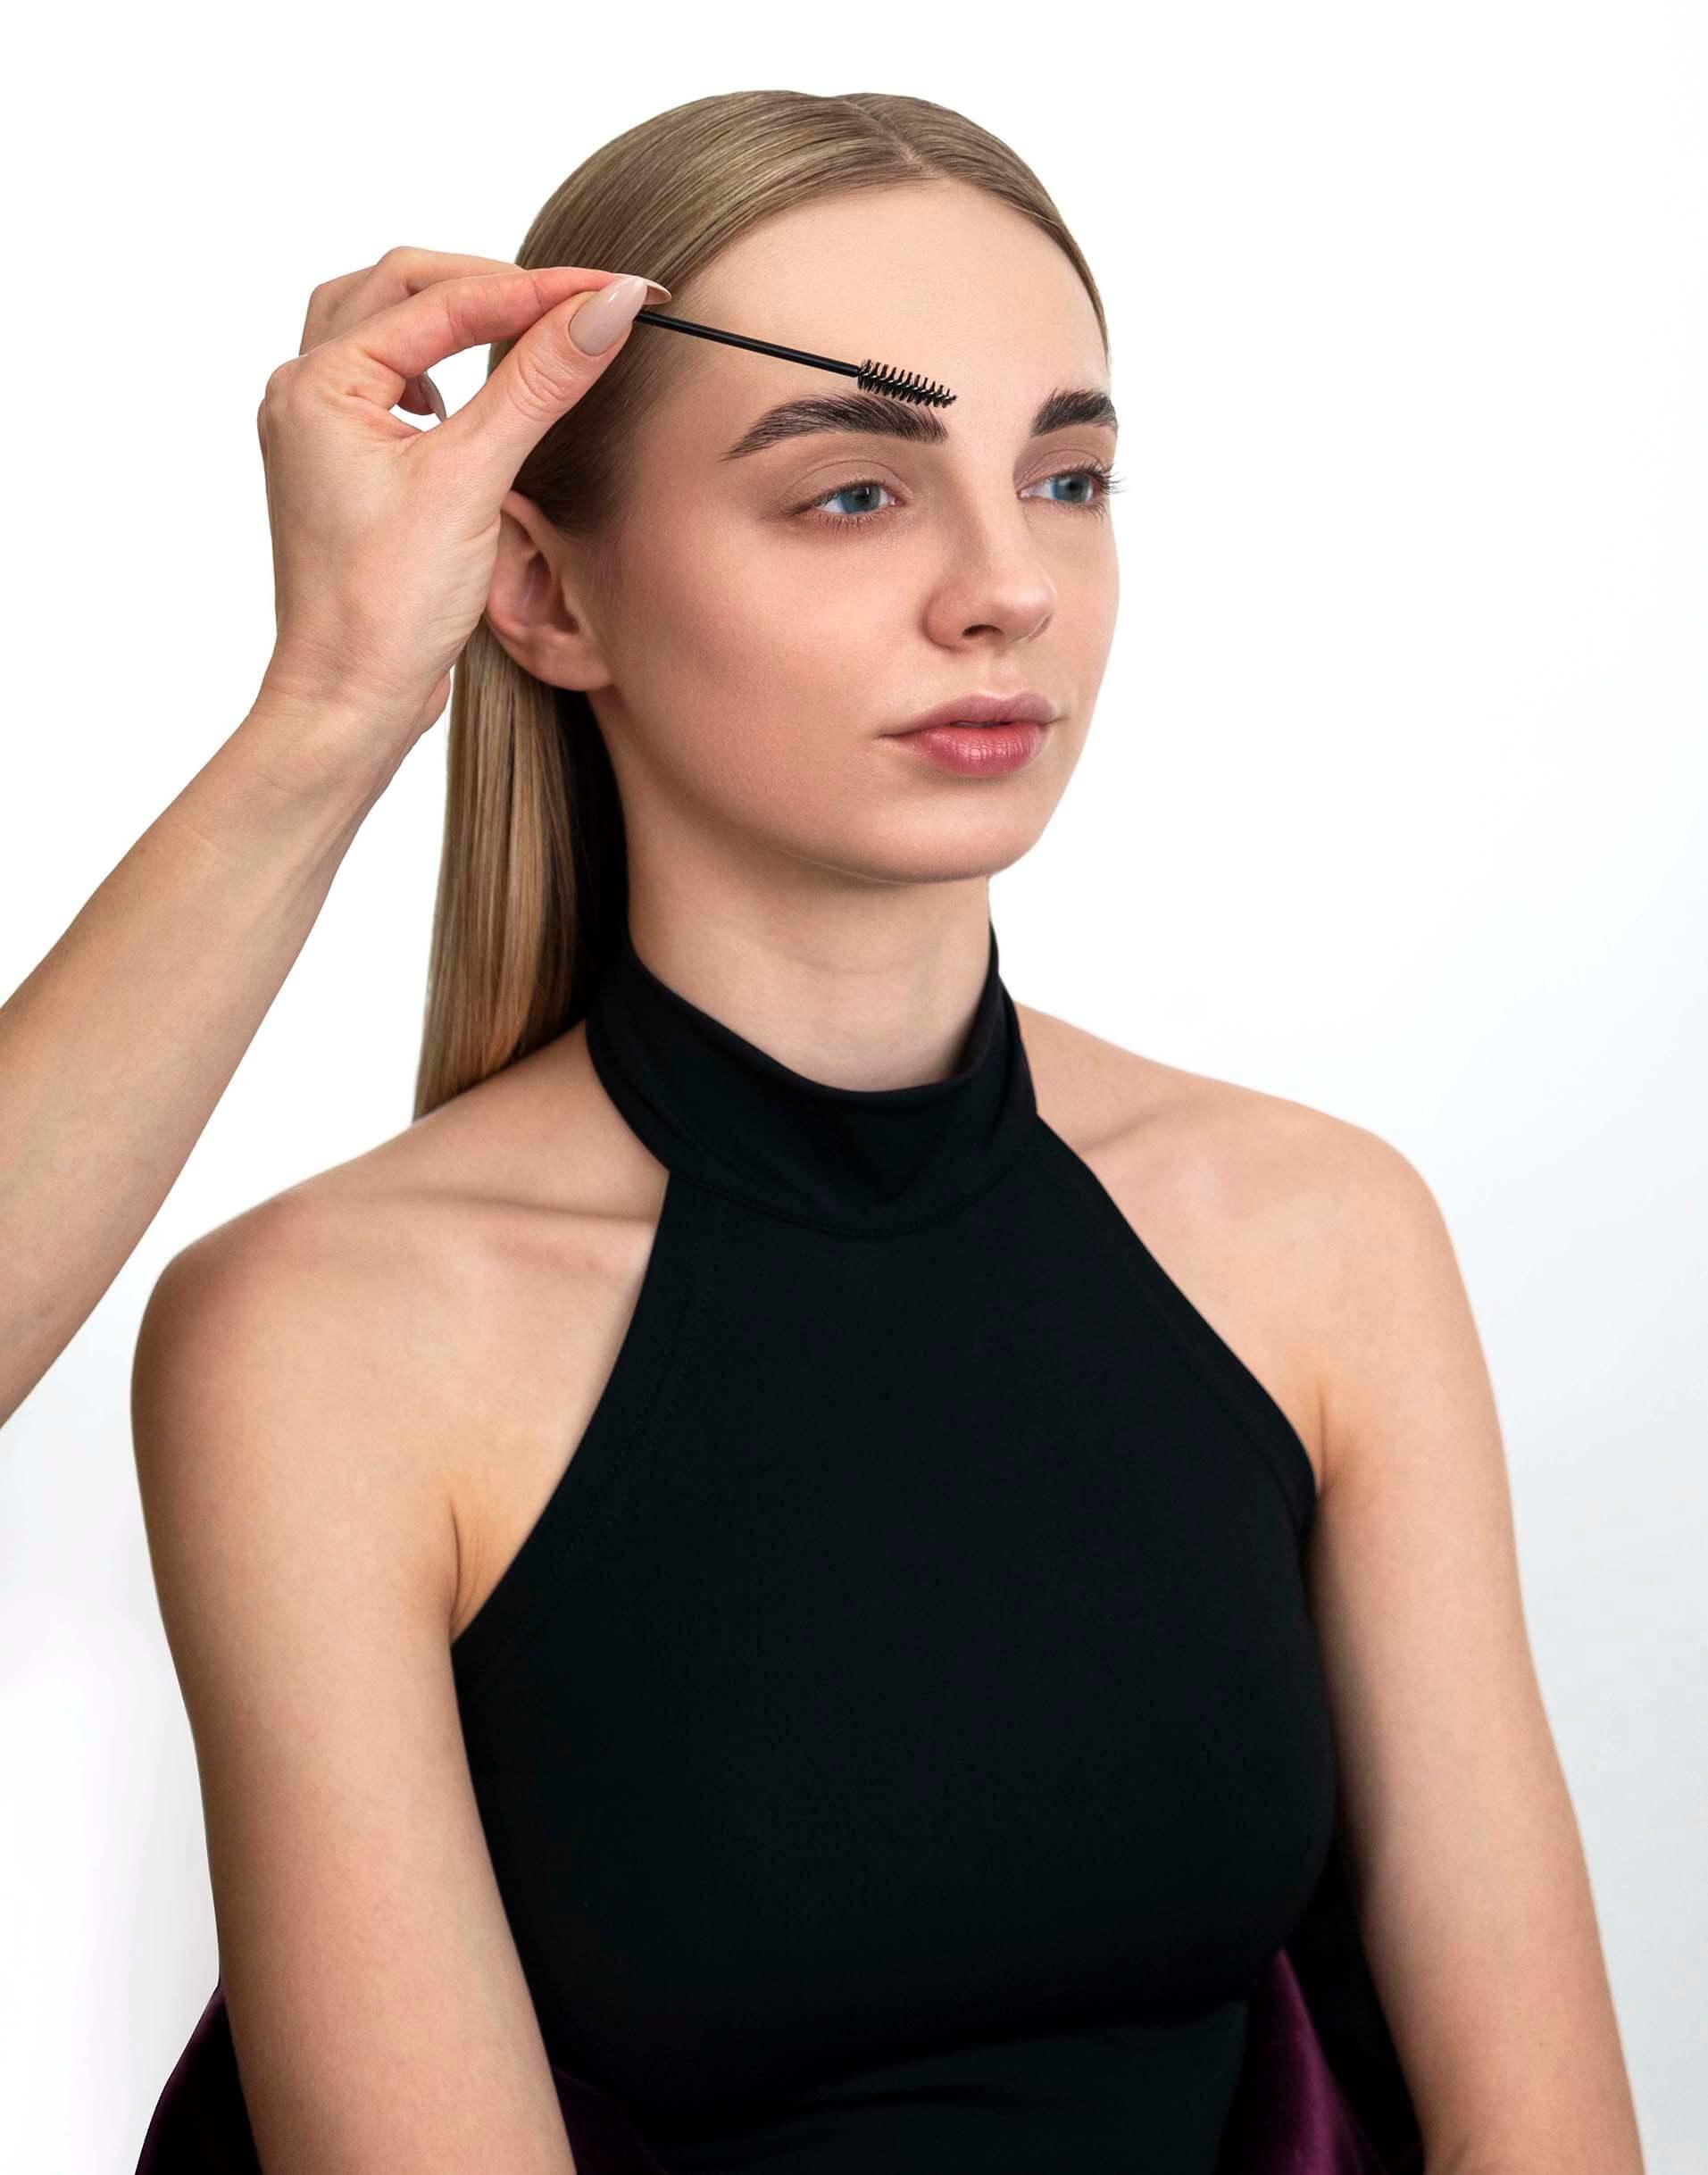 тренды макияжа для сезонавесна-лето